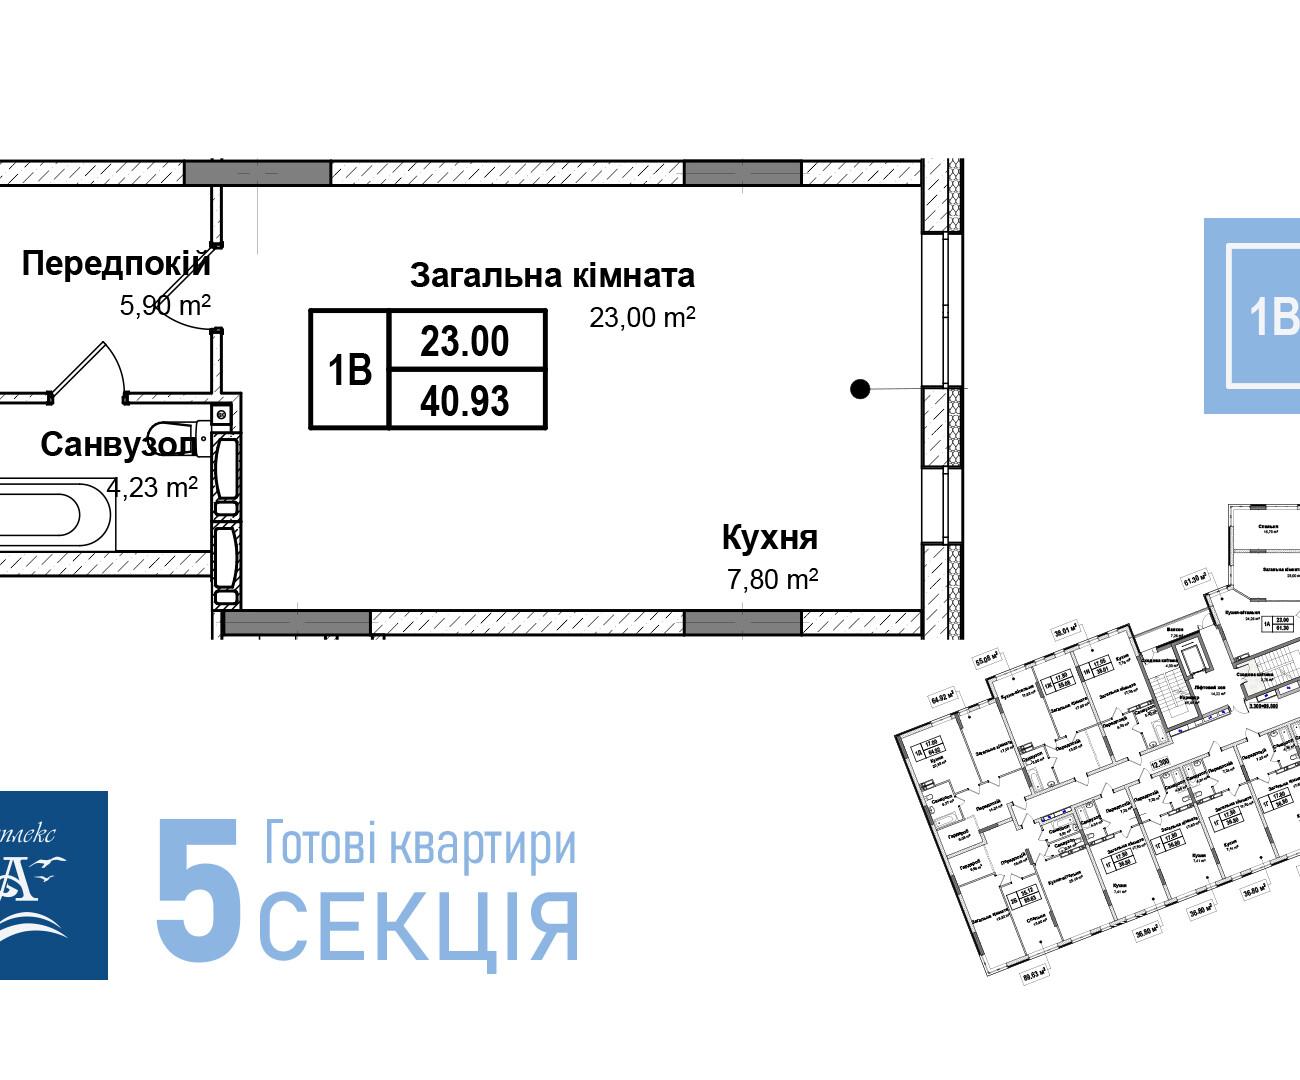 Секція 5 однокімнатна квартира 1в 40,93 м²